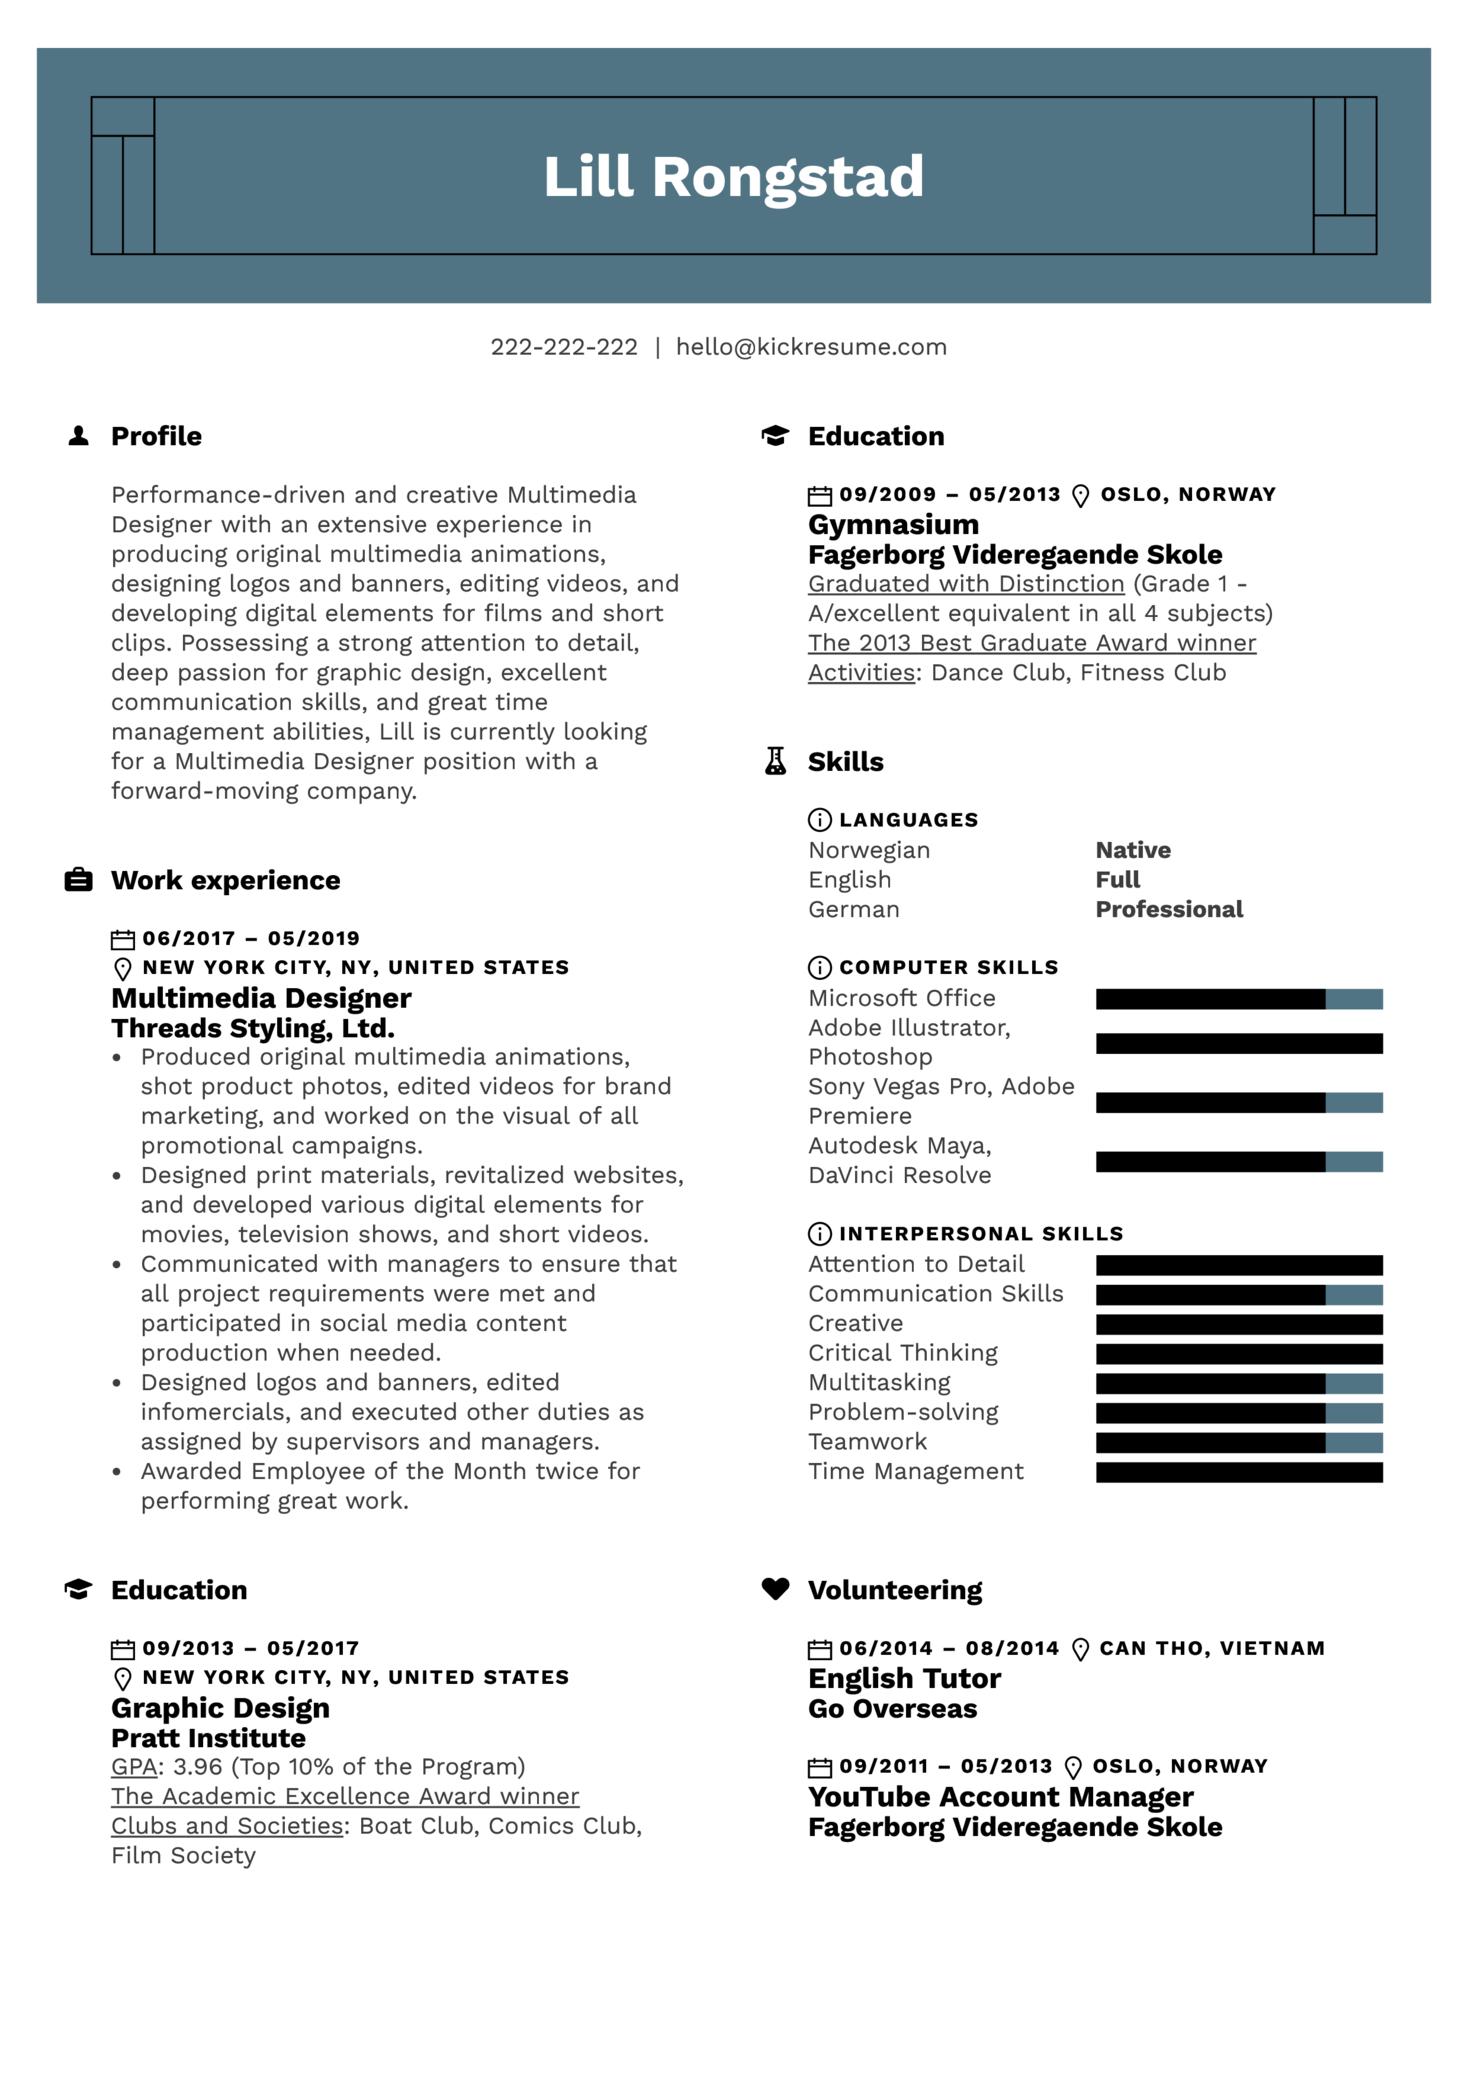 Multimedia Designer Resume Example (Teil 1)